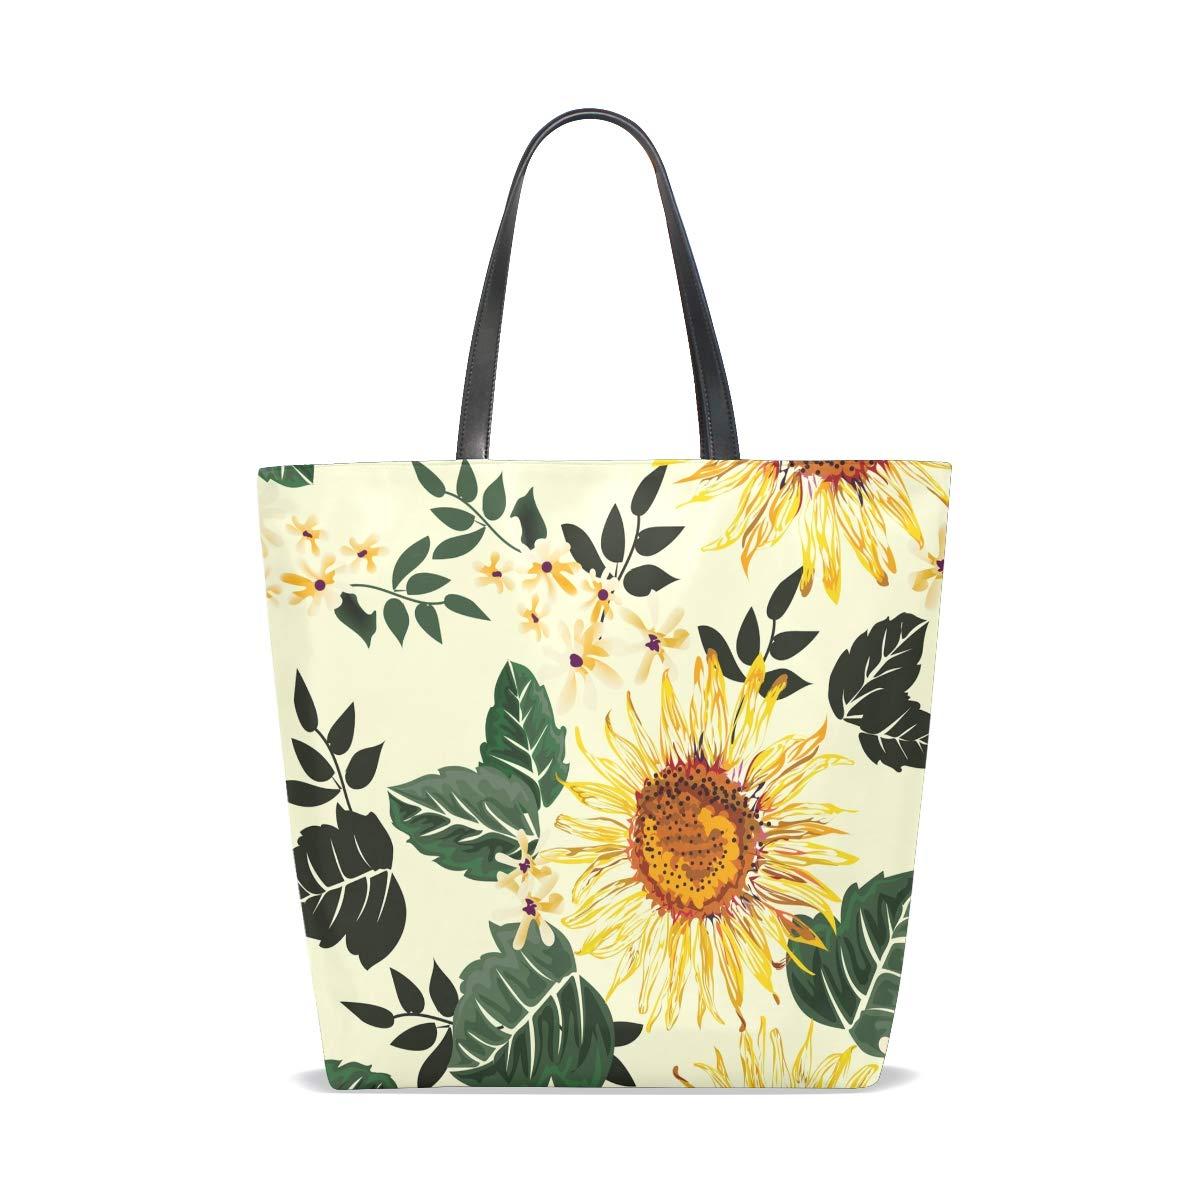 Hengpai solros grönt blad tygväska handväska axelväska för kvinnor flickor Multi3